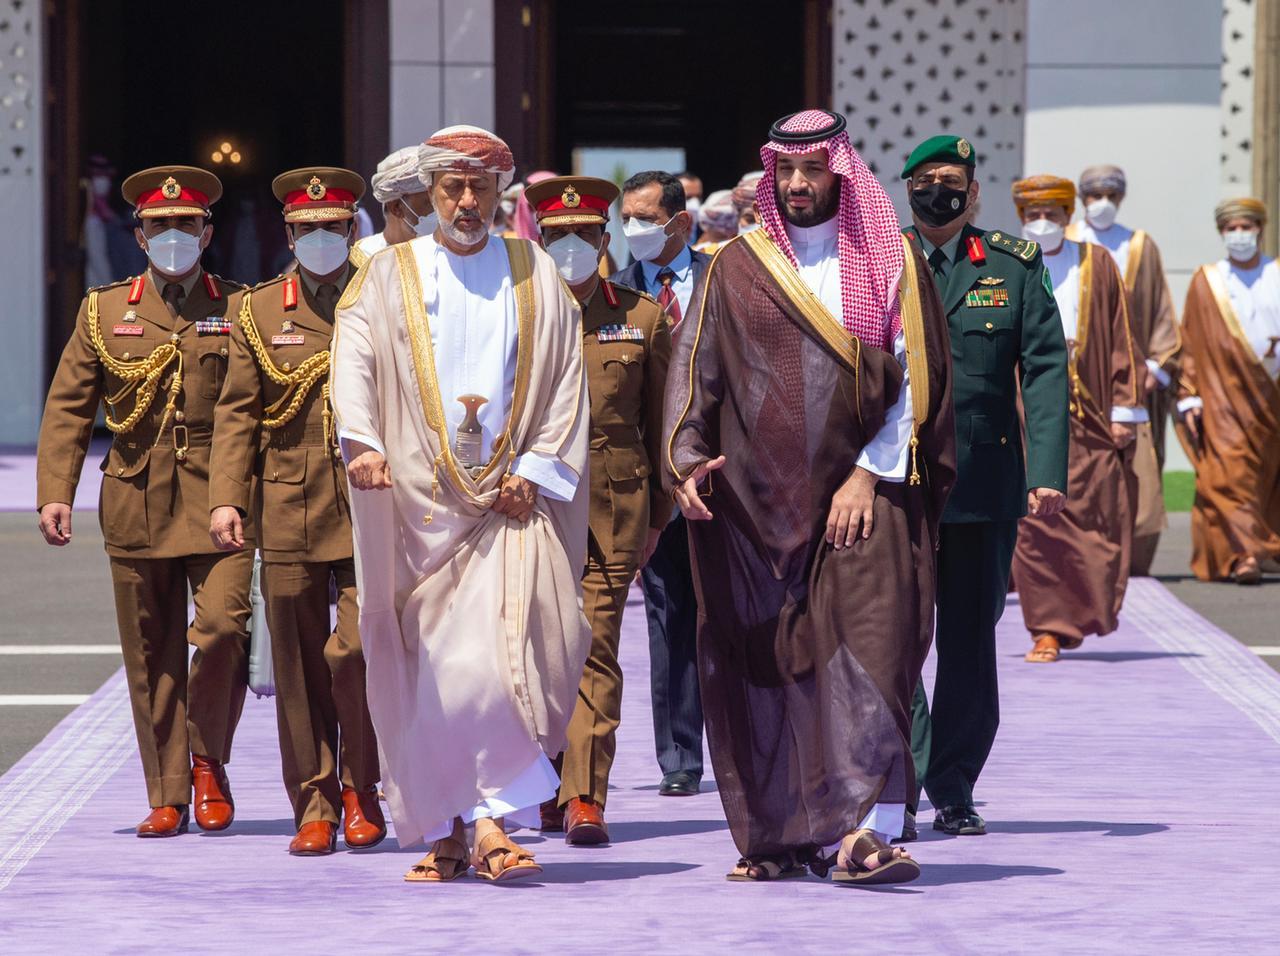 وثائق سرية تكشف تخوف محمد بن زايد من التقرب السعودي العماني: زمن عُمان آتٍ